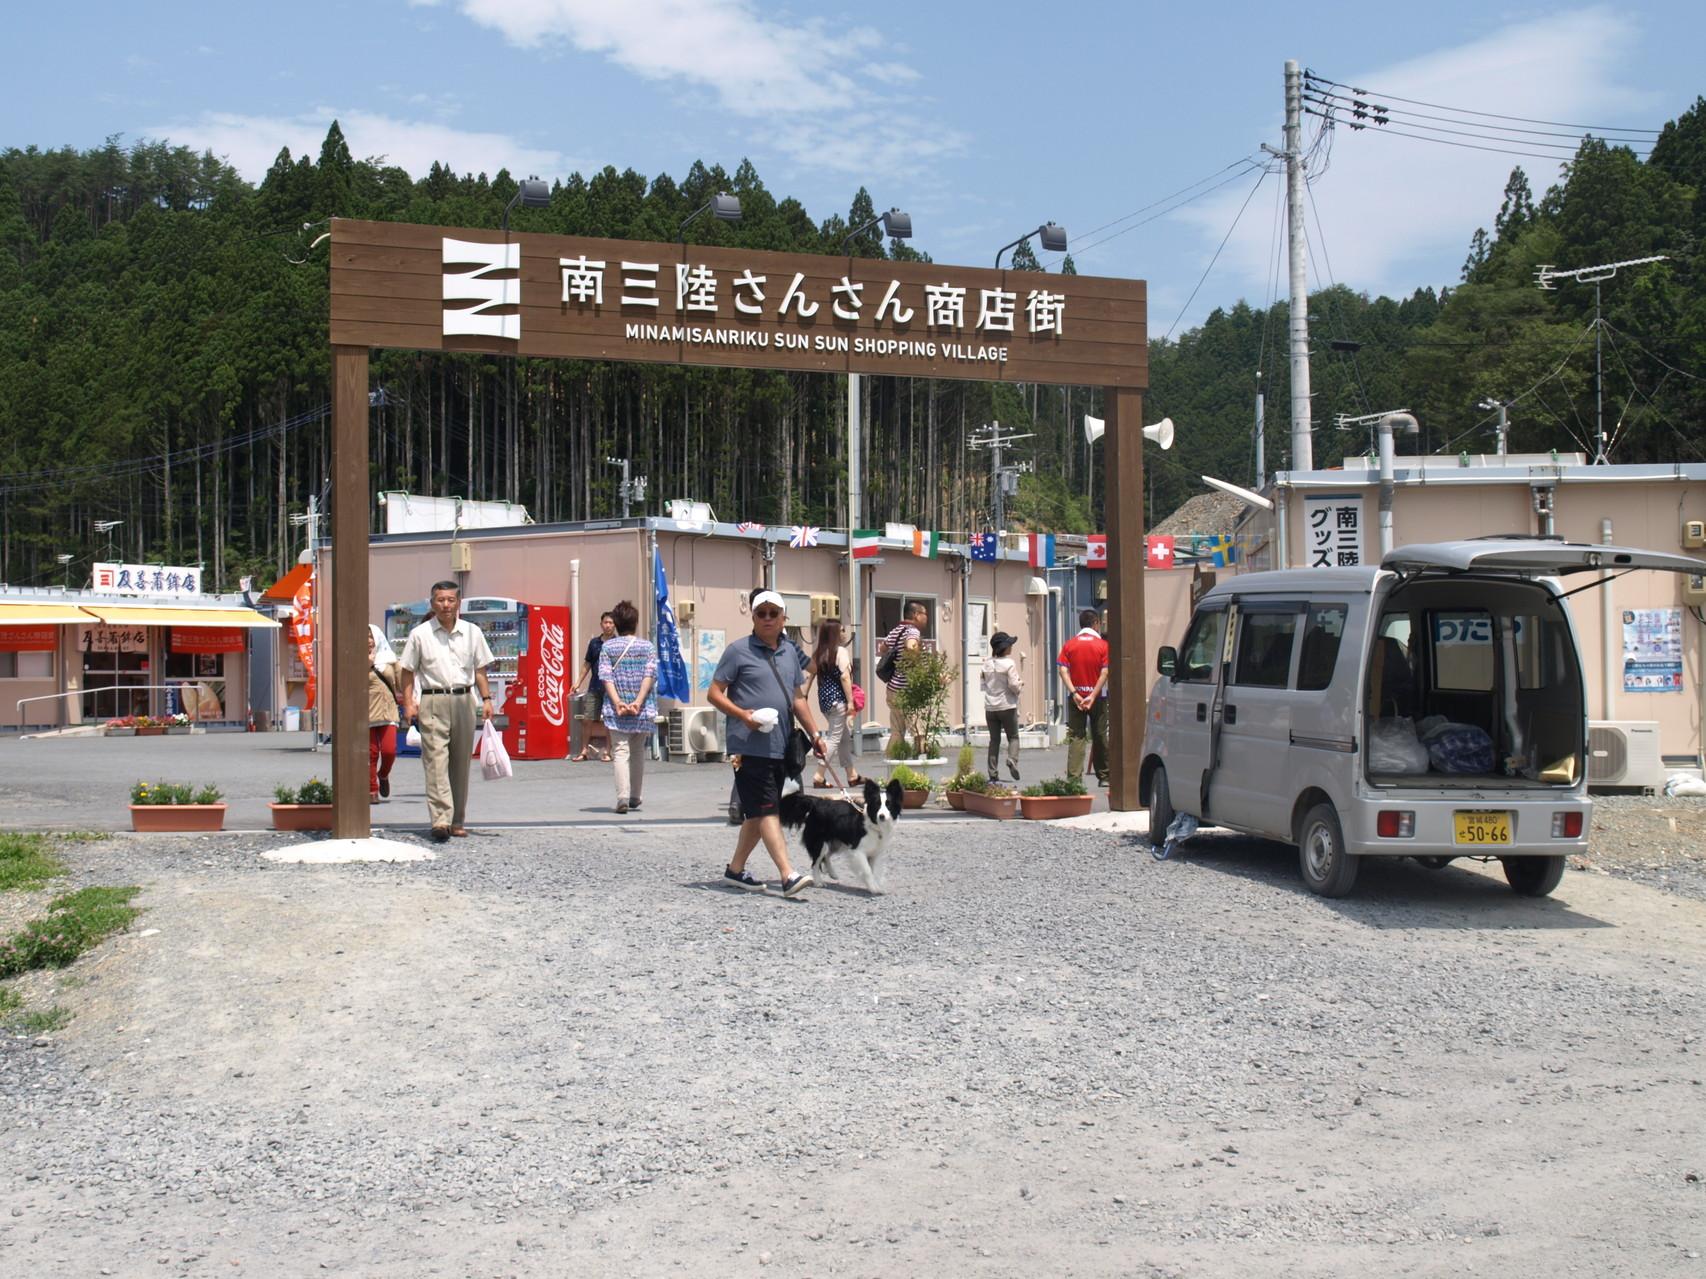 観光客も多く、だいぶ活気が感じられました。